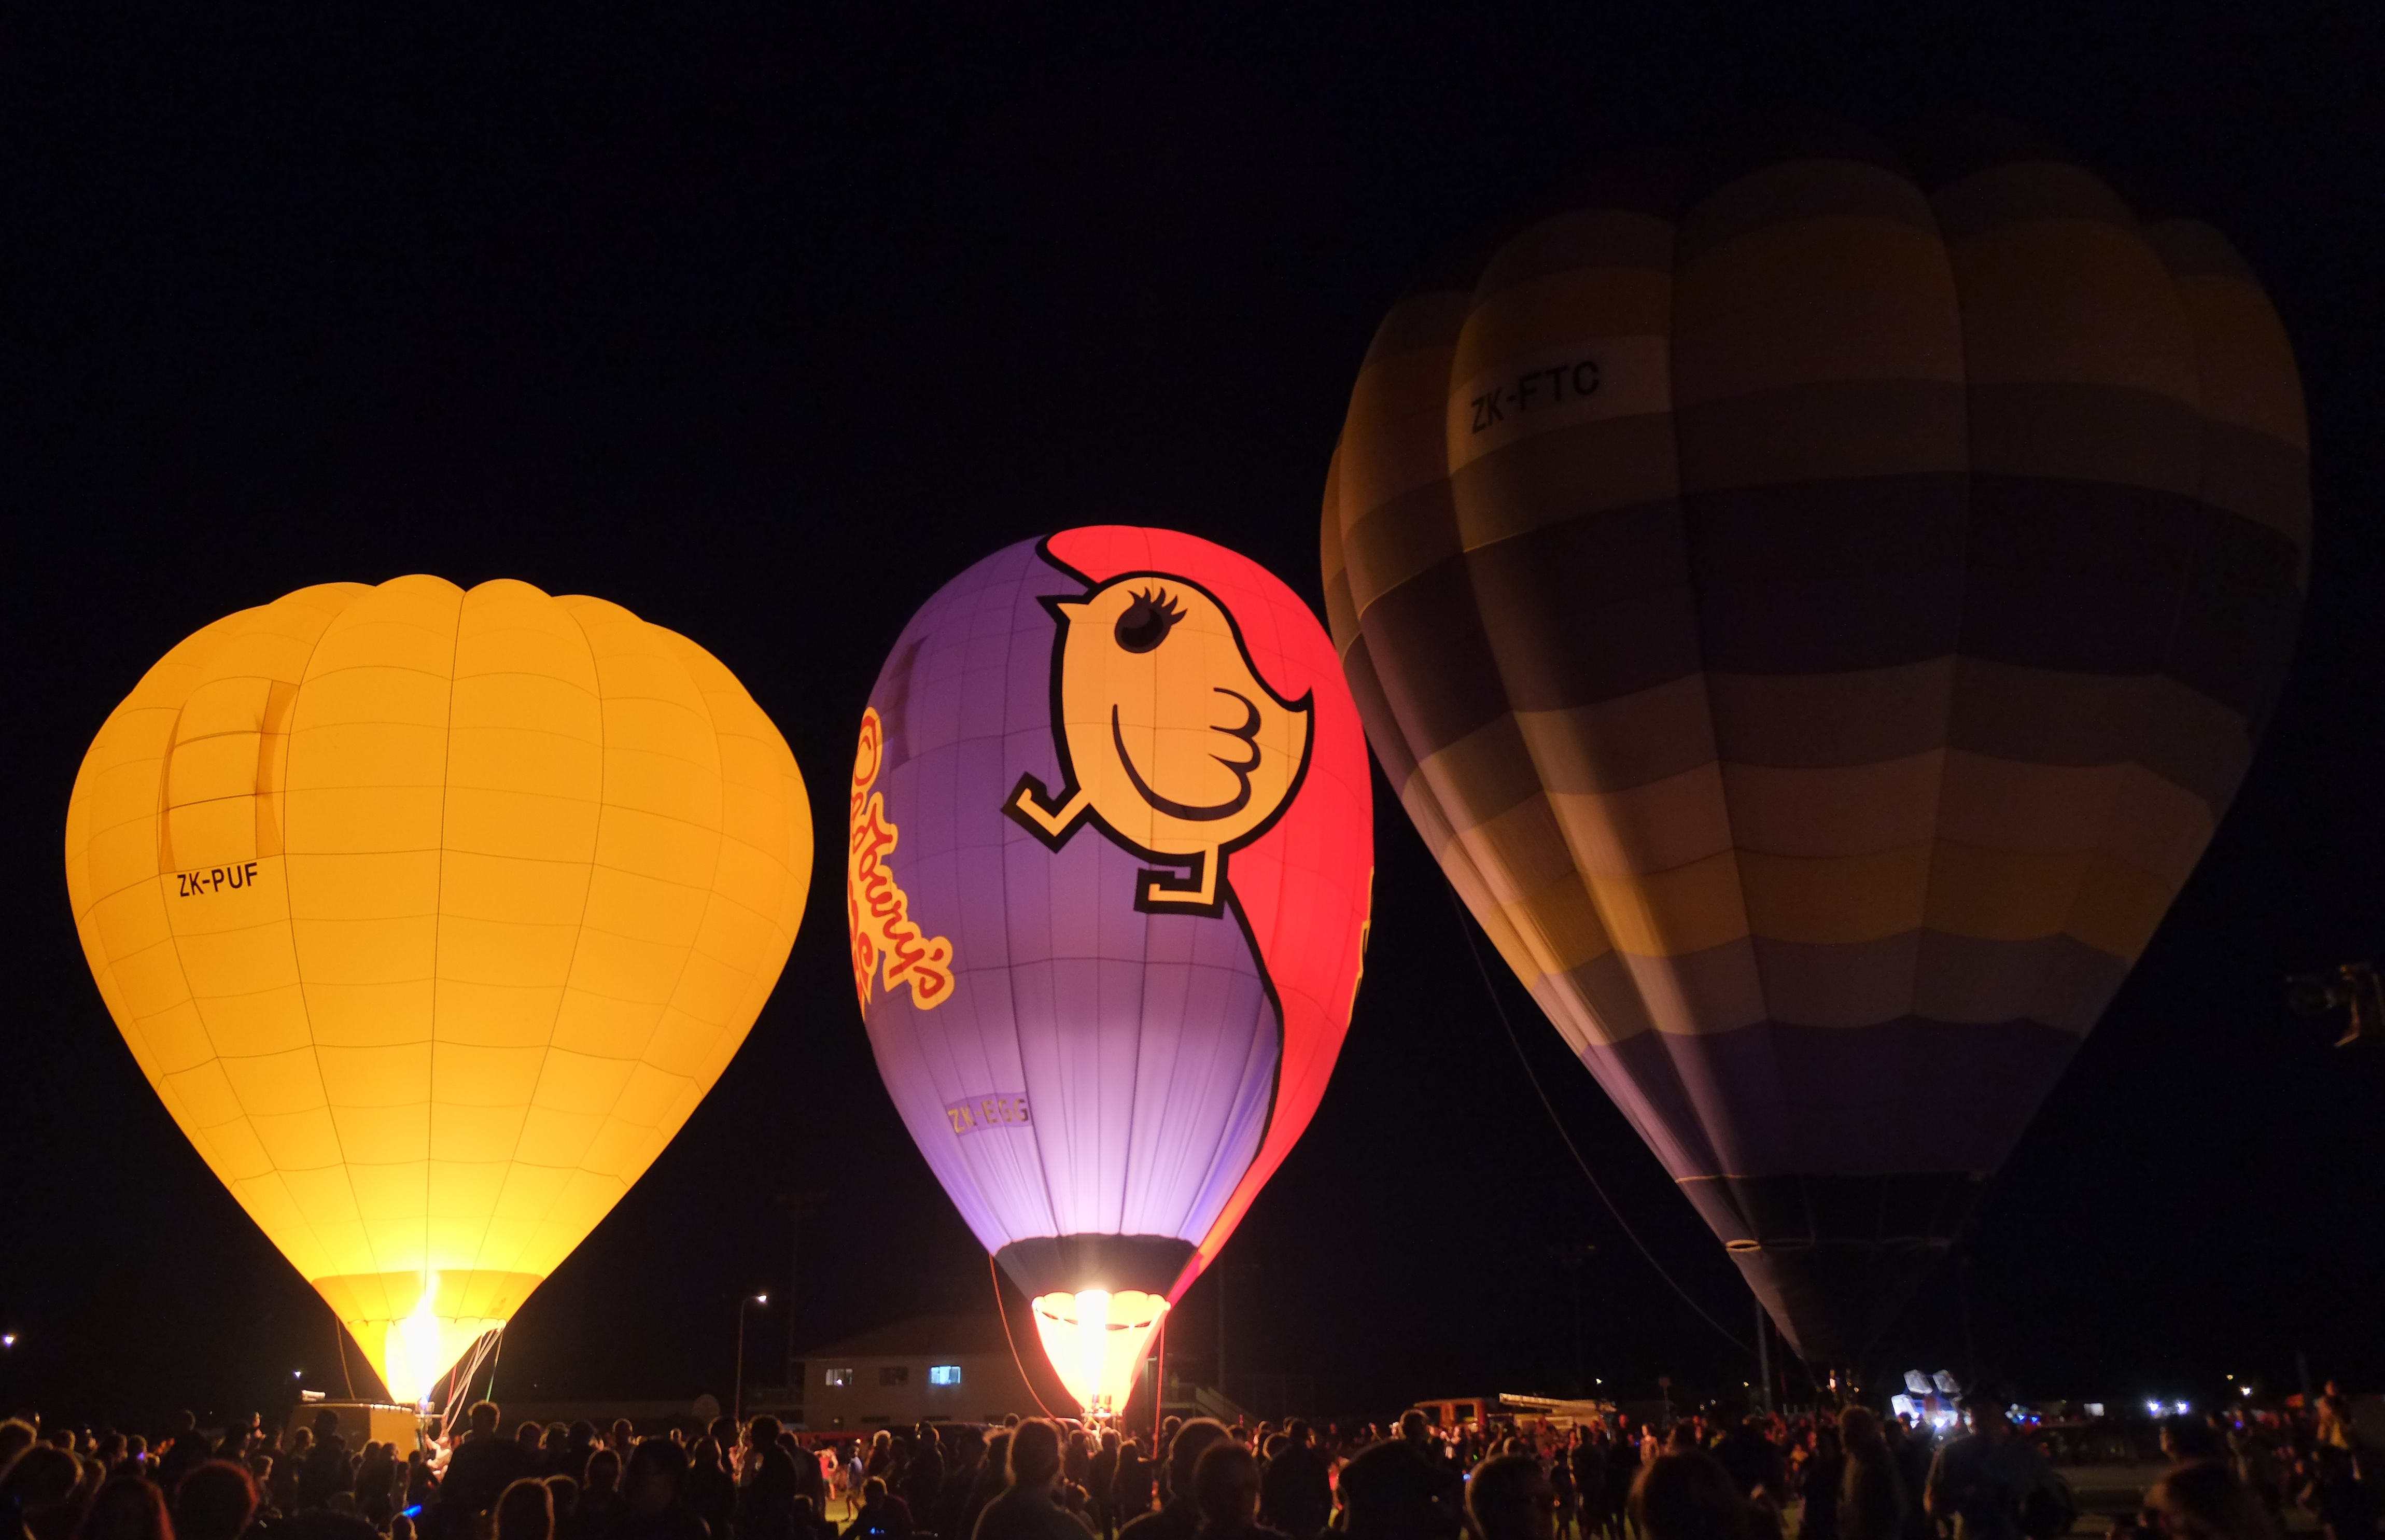 Popular Wallpaper Night Hot Air Balloon - Hot_air_balloons_glowing_at_night_at_Lift_Off_Levin_night_glow  HD-915715.jpg